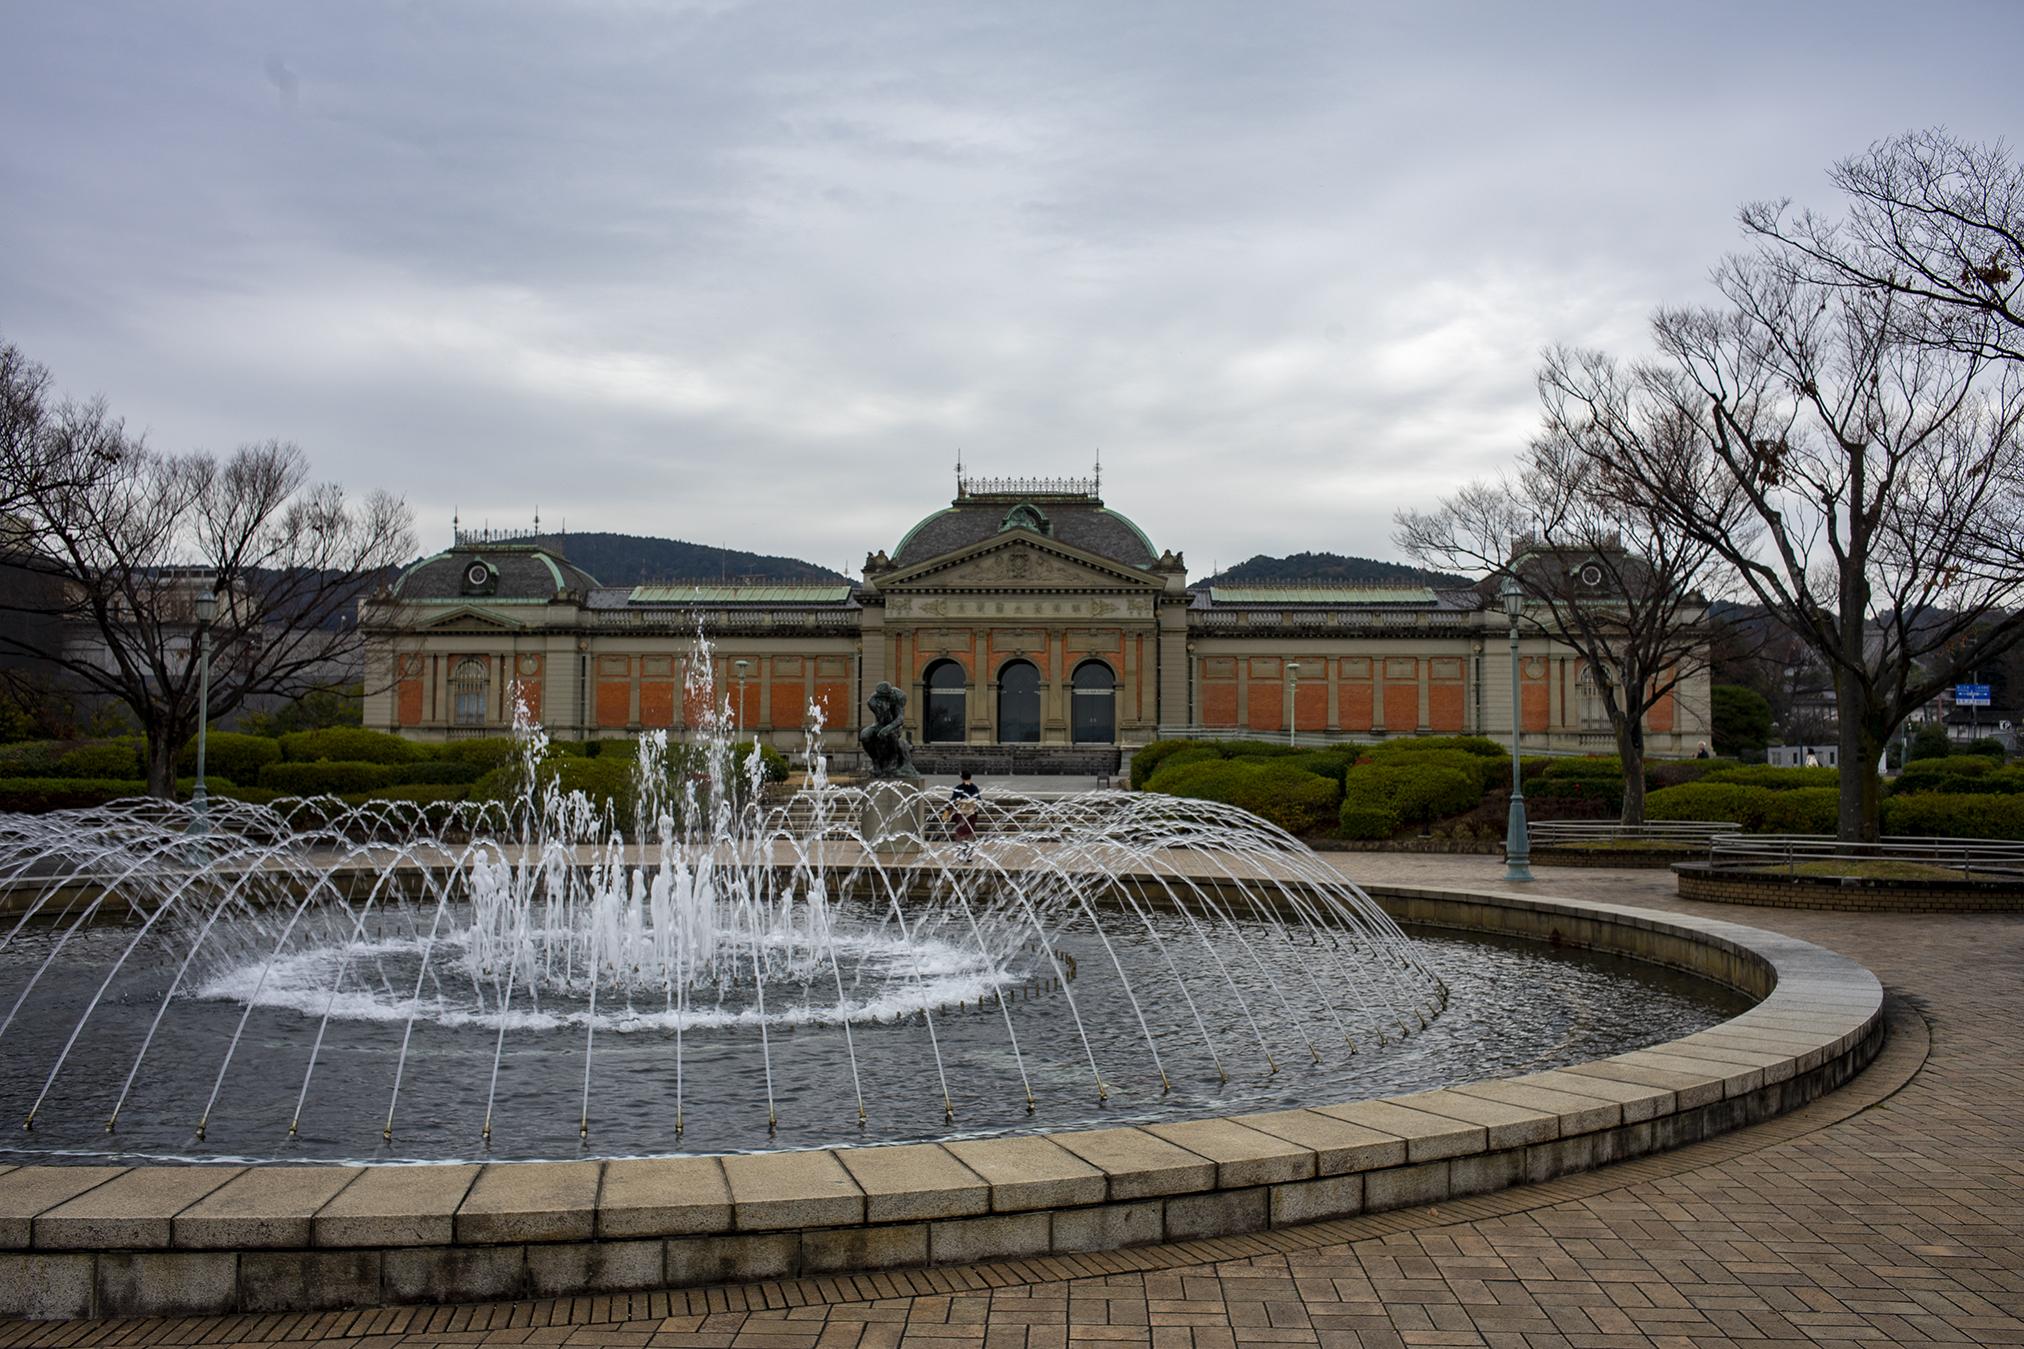 京都国立博物館の魅力は平成知新館だけではなかった・・・